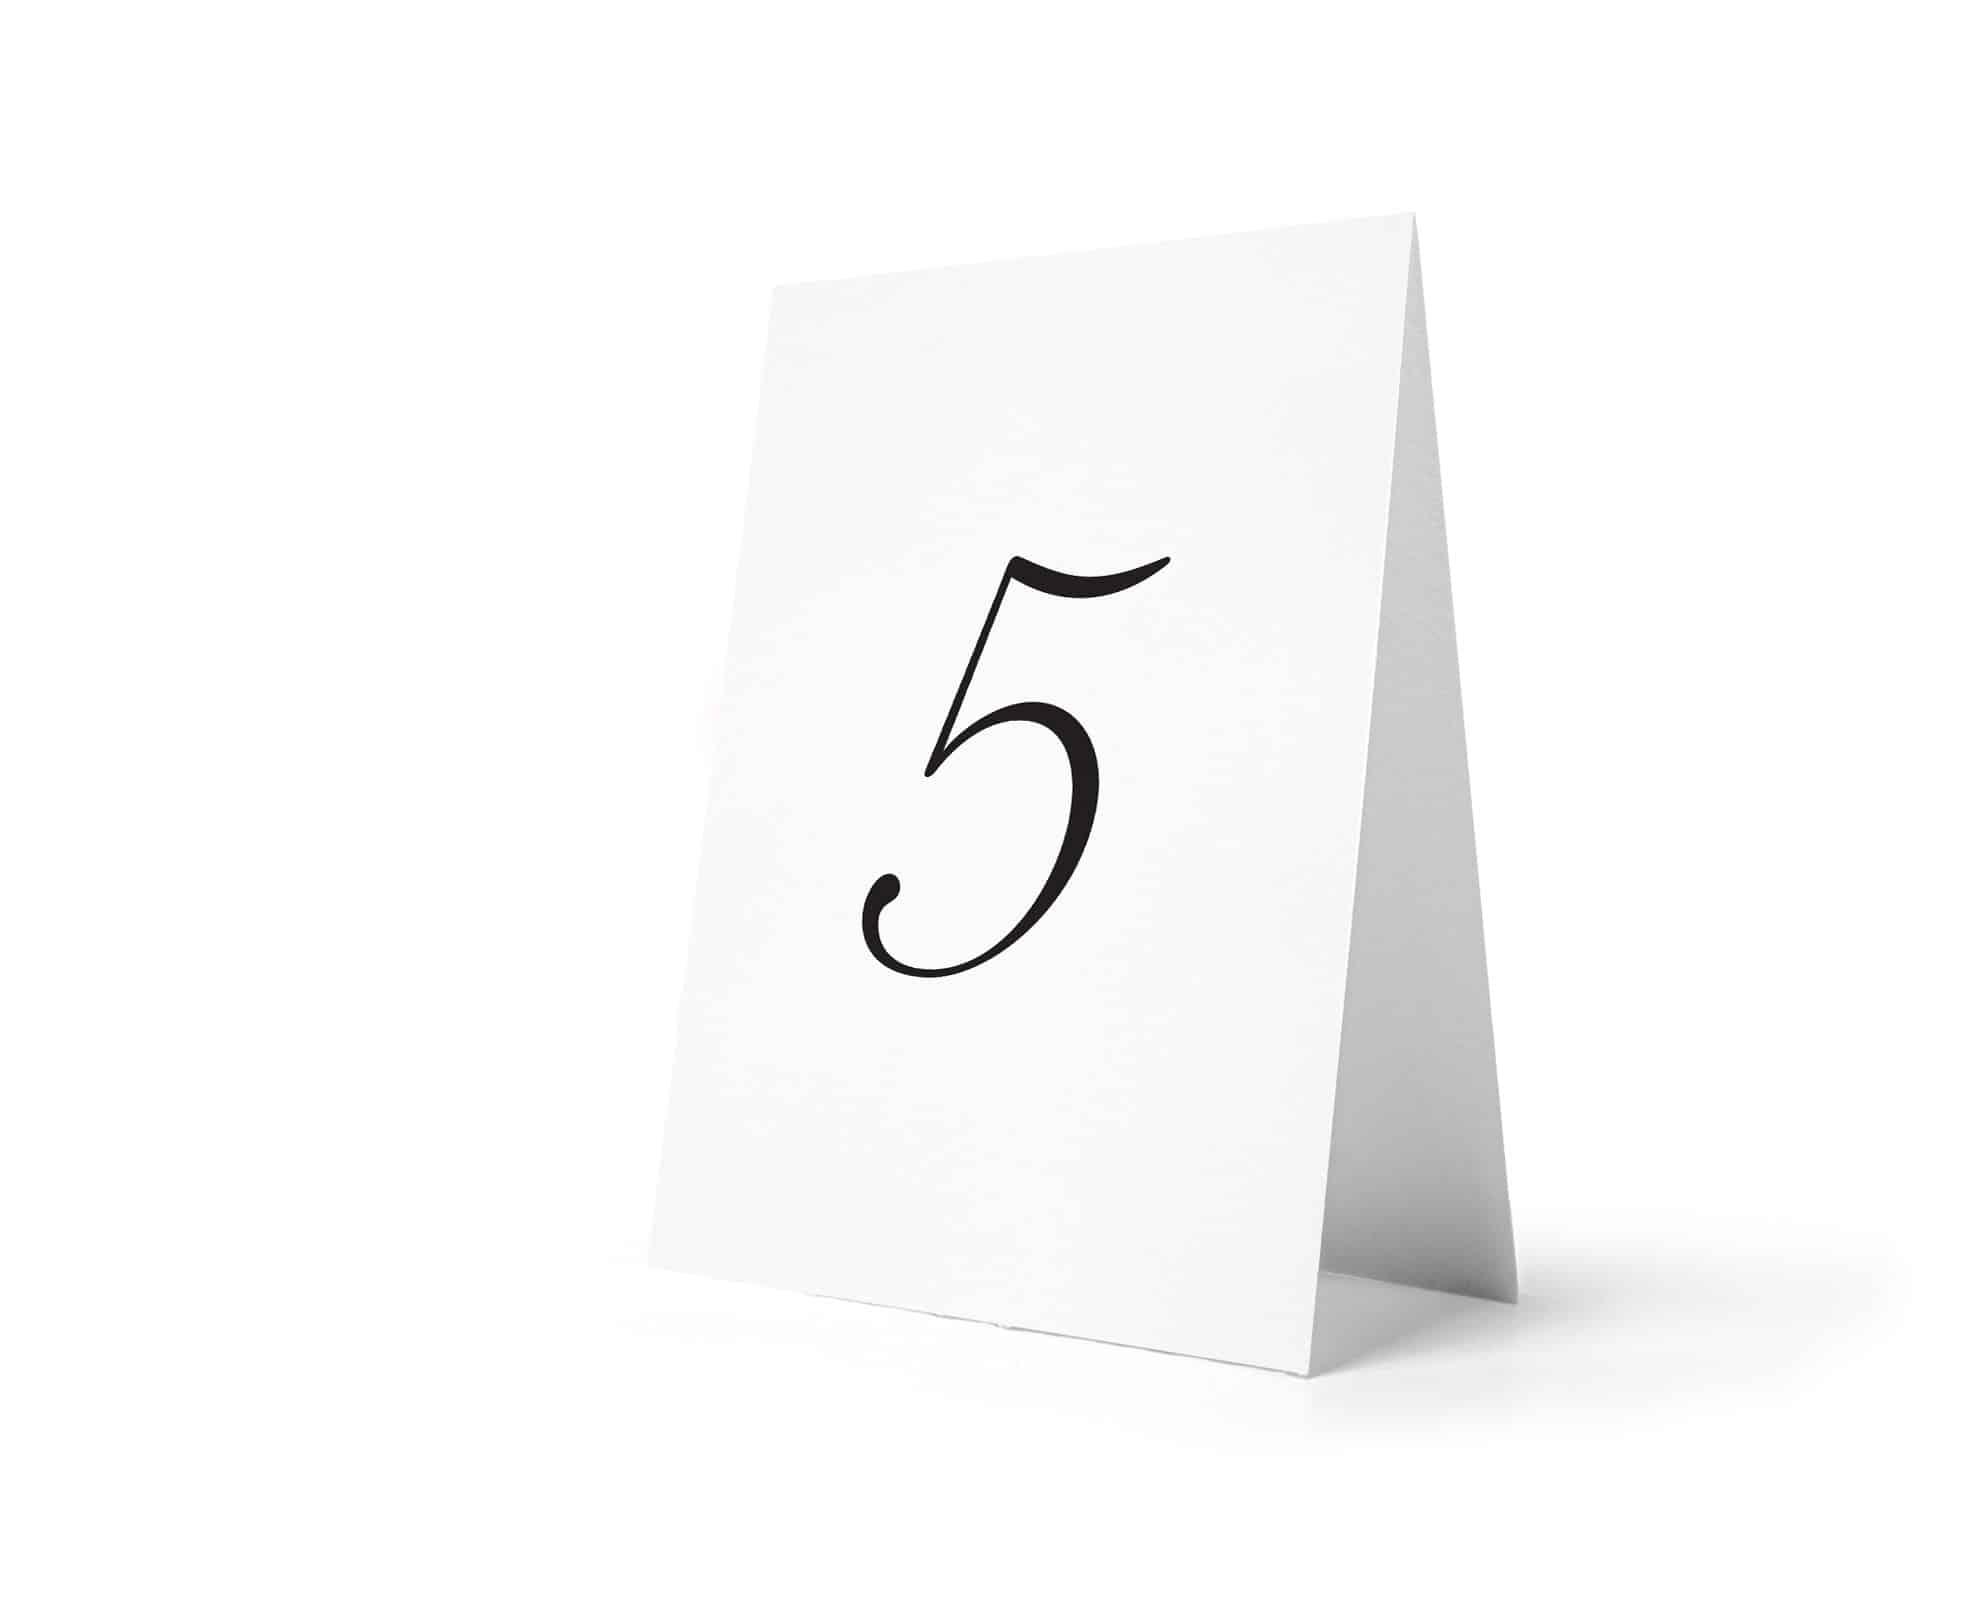 Numery n stoły z ładną dużą cyfrą